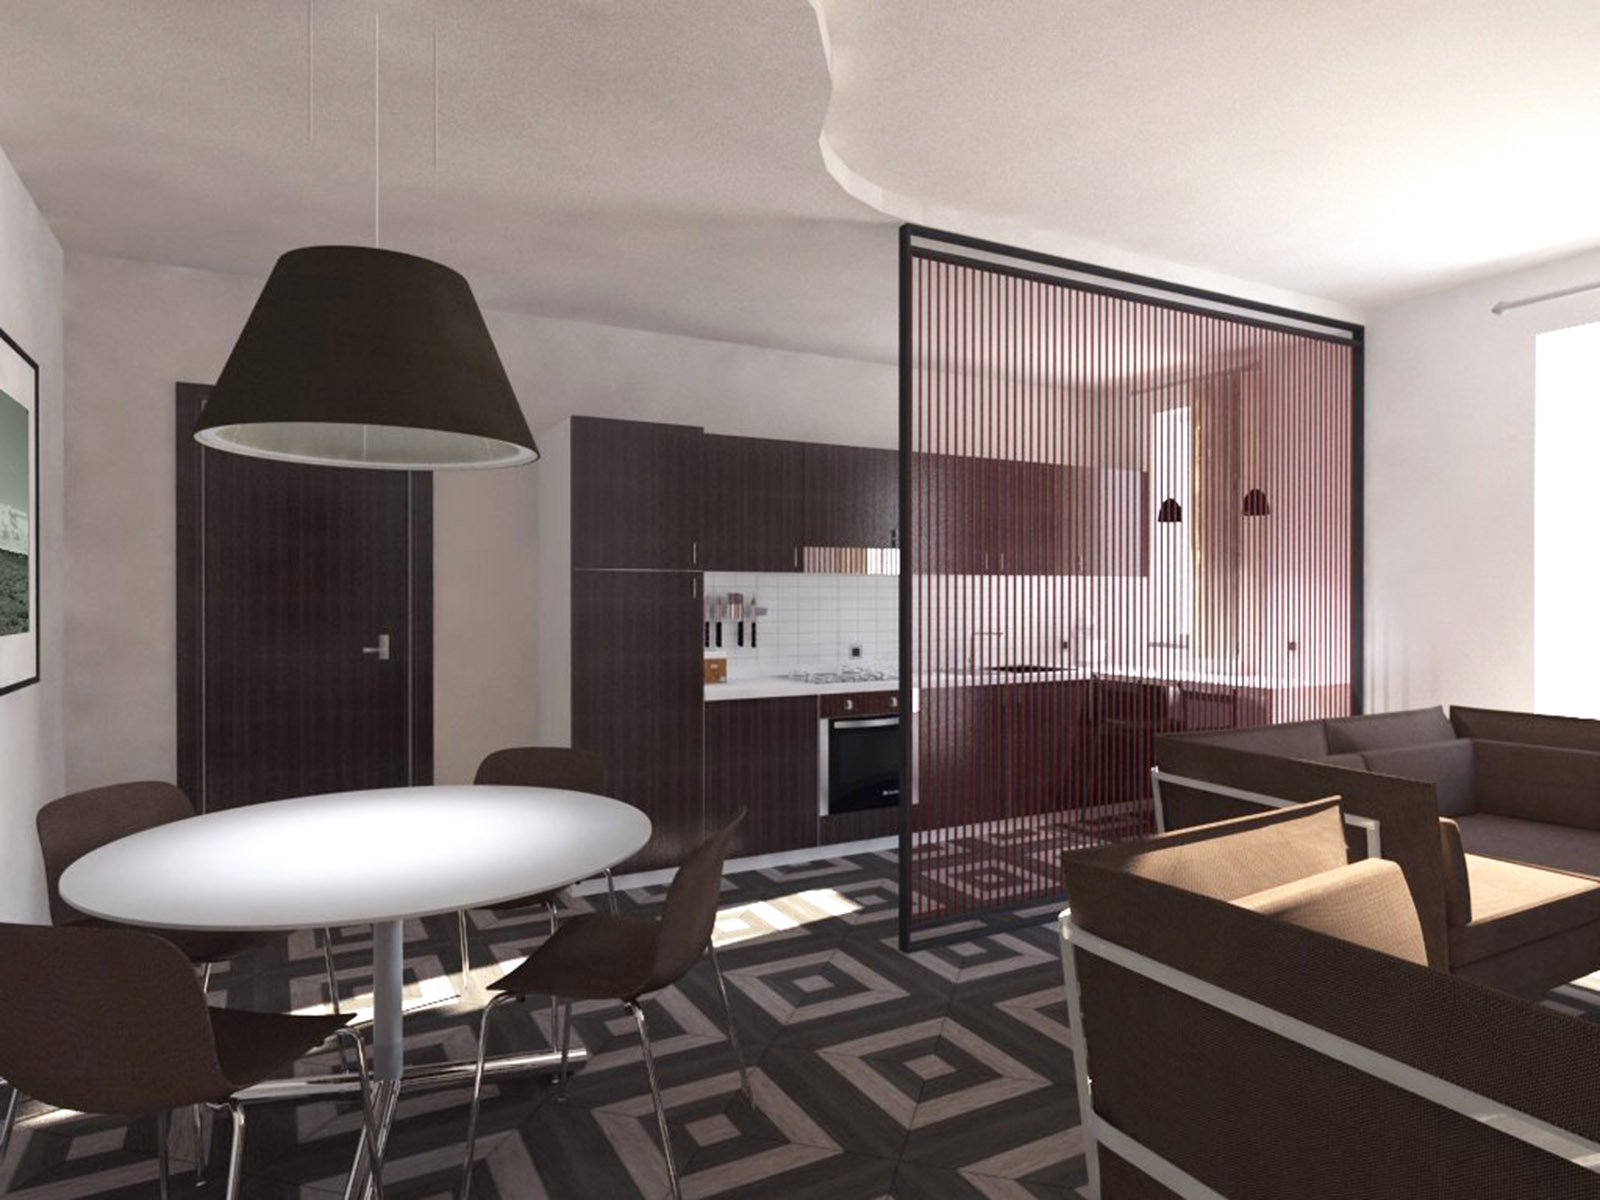 Soggiorno e cucina openspace progetto in pianta e in 3d cose di casa - Open space cucina salotto ...